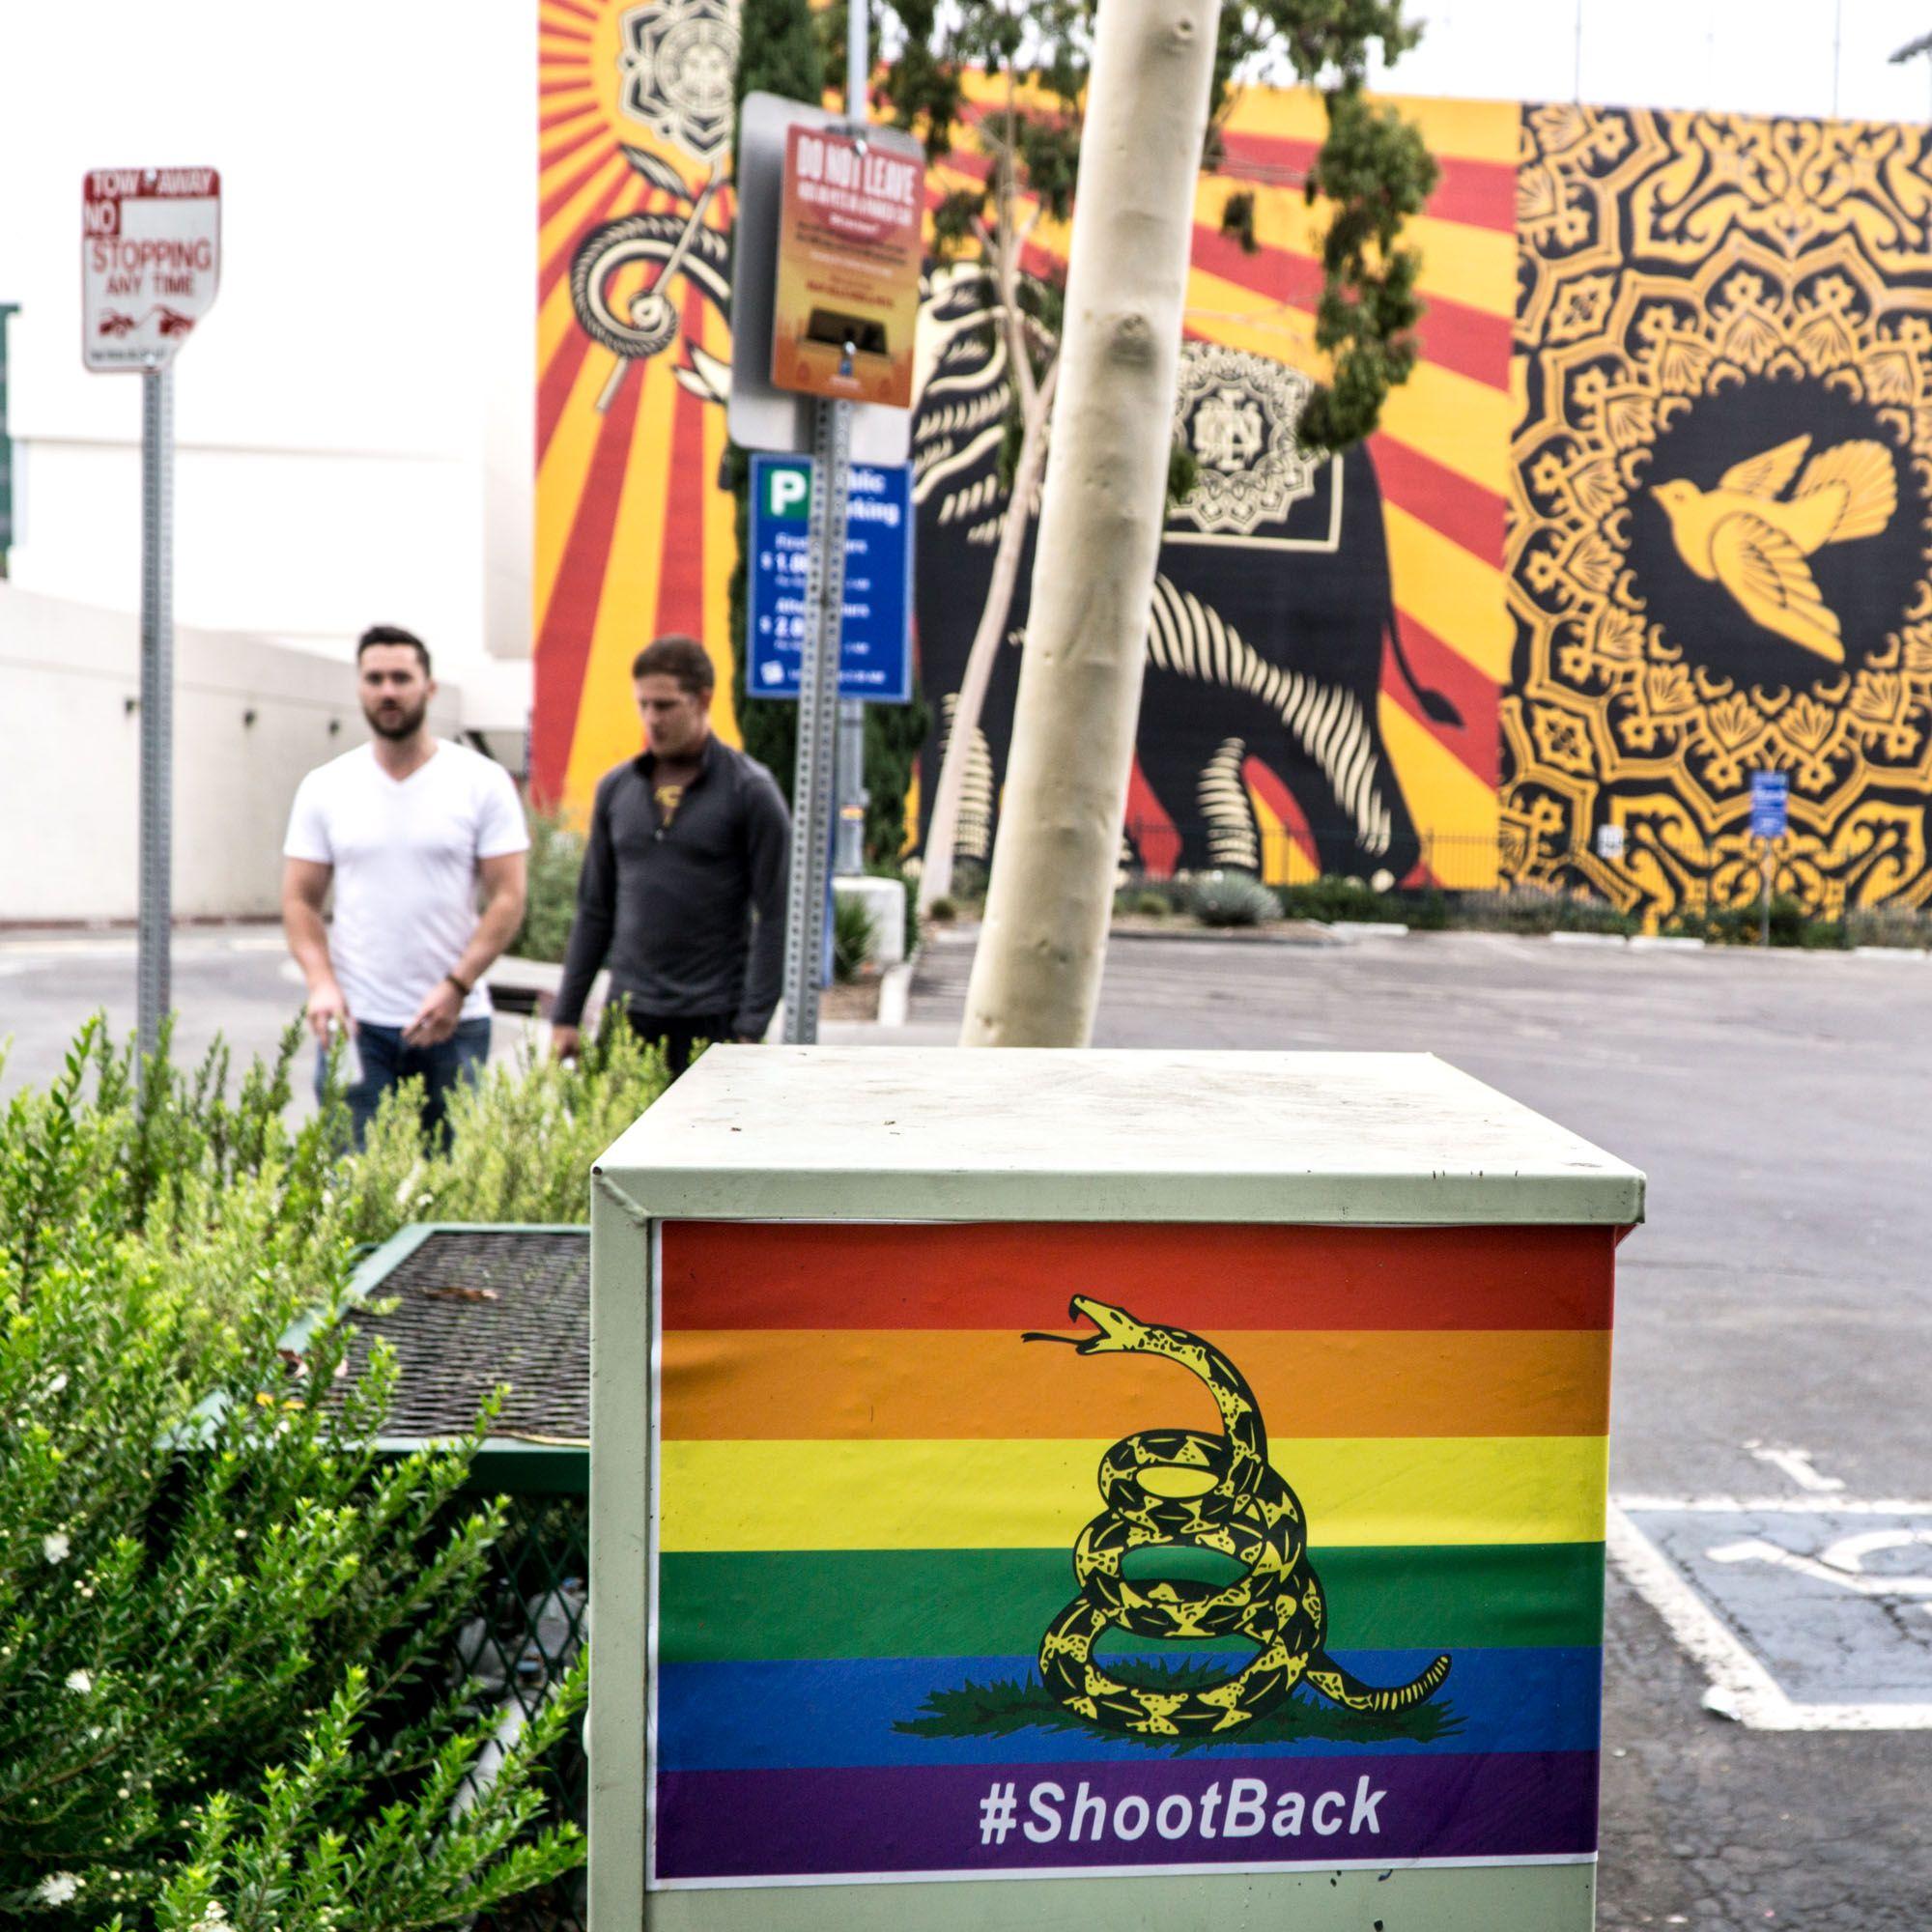 Cape town gay bar